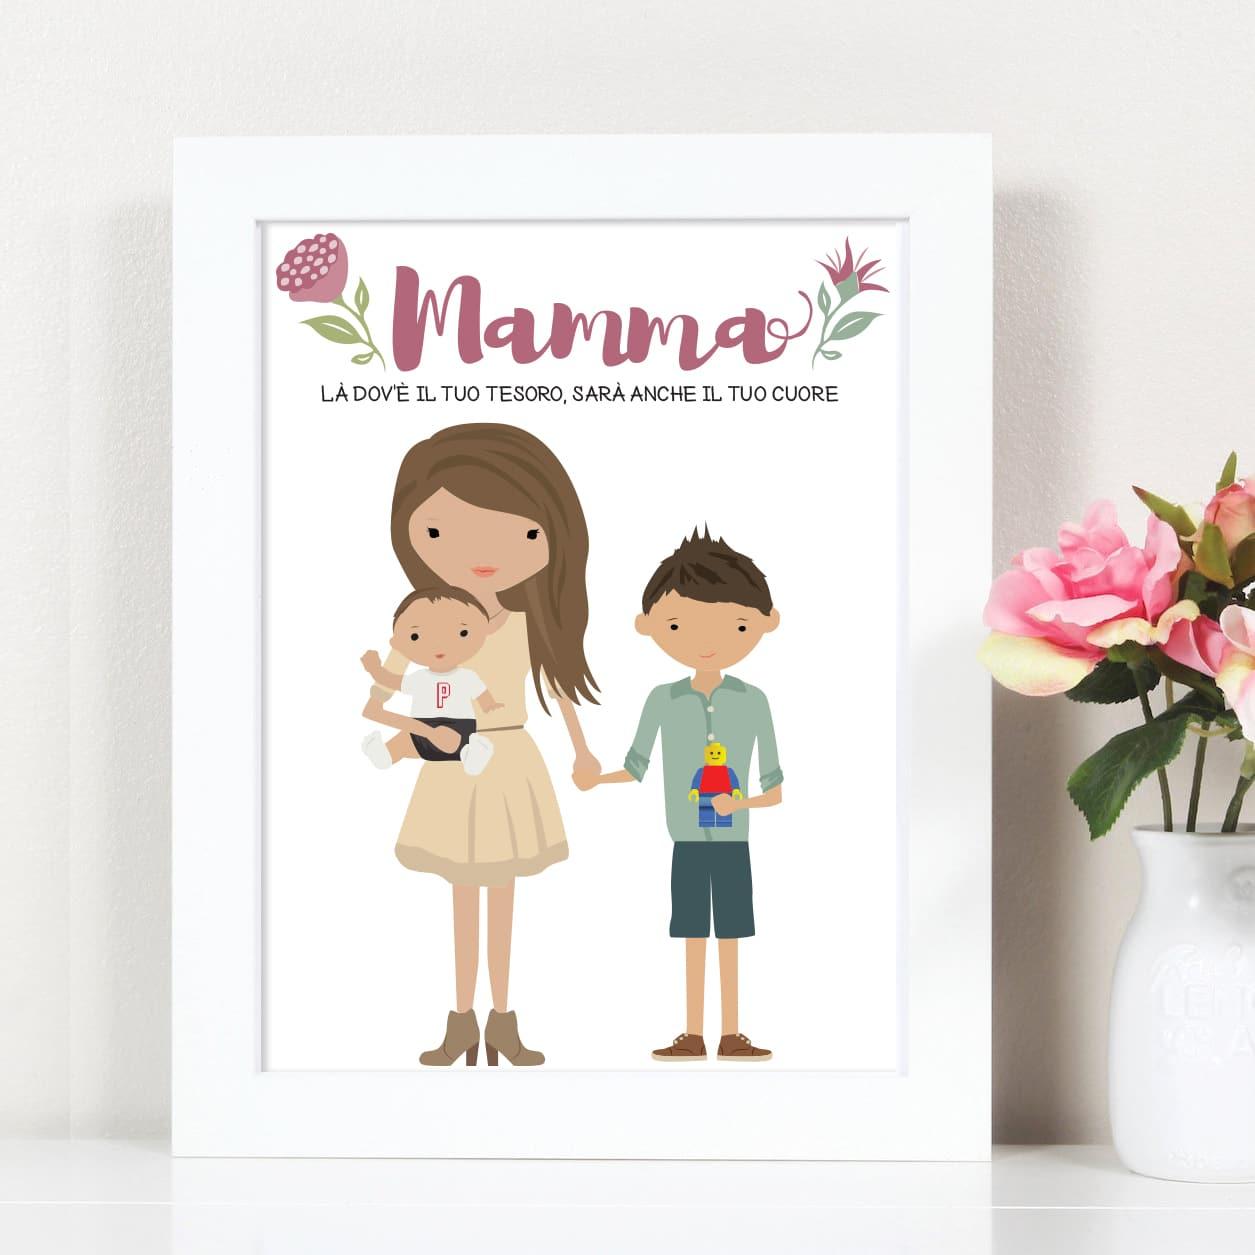 ritratto-digitale-personalizzato-mamma-e-figli-idea-regalo-festa-della-mamma